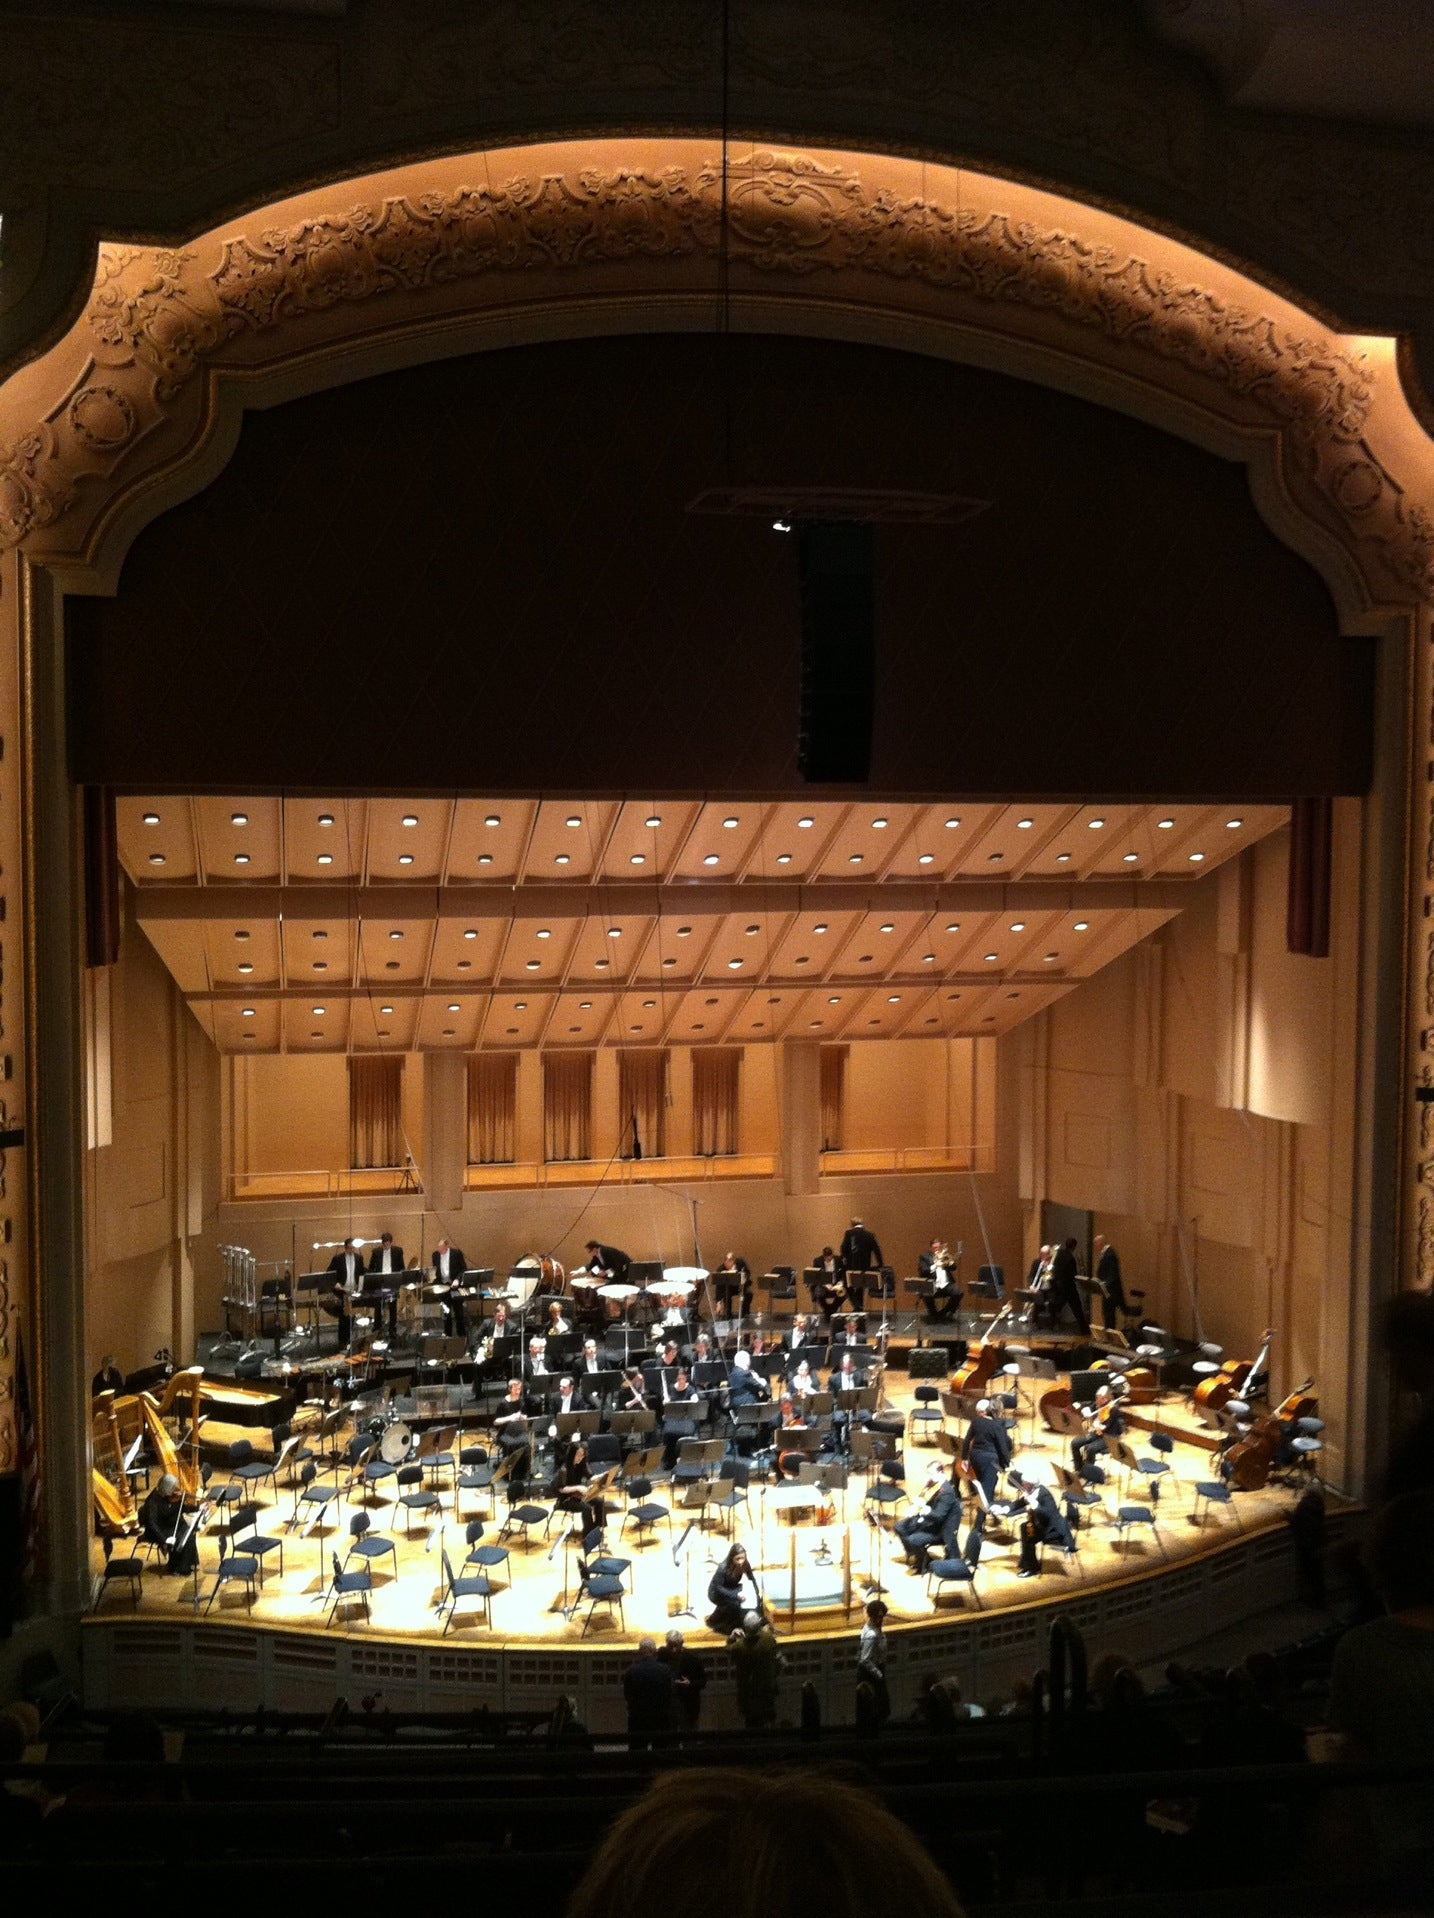 Schnitzer Theater Arlene Schnitzer Concert Hall Reviews And Tips - Schnitzer concert hall portland